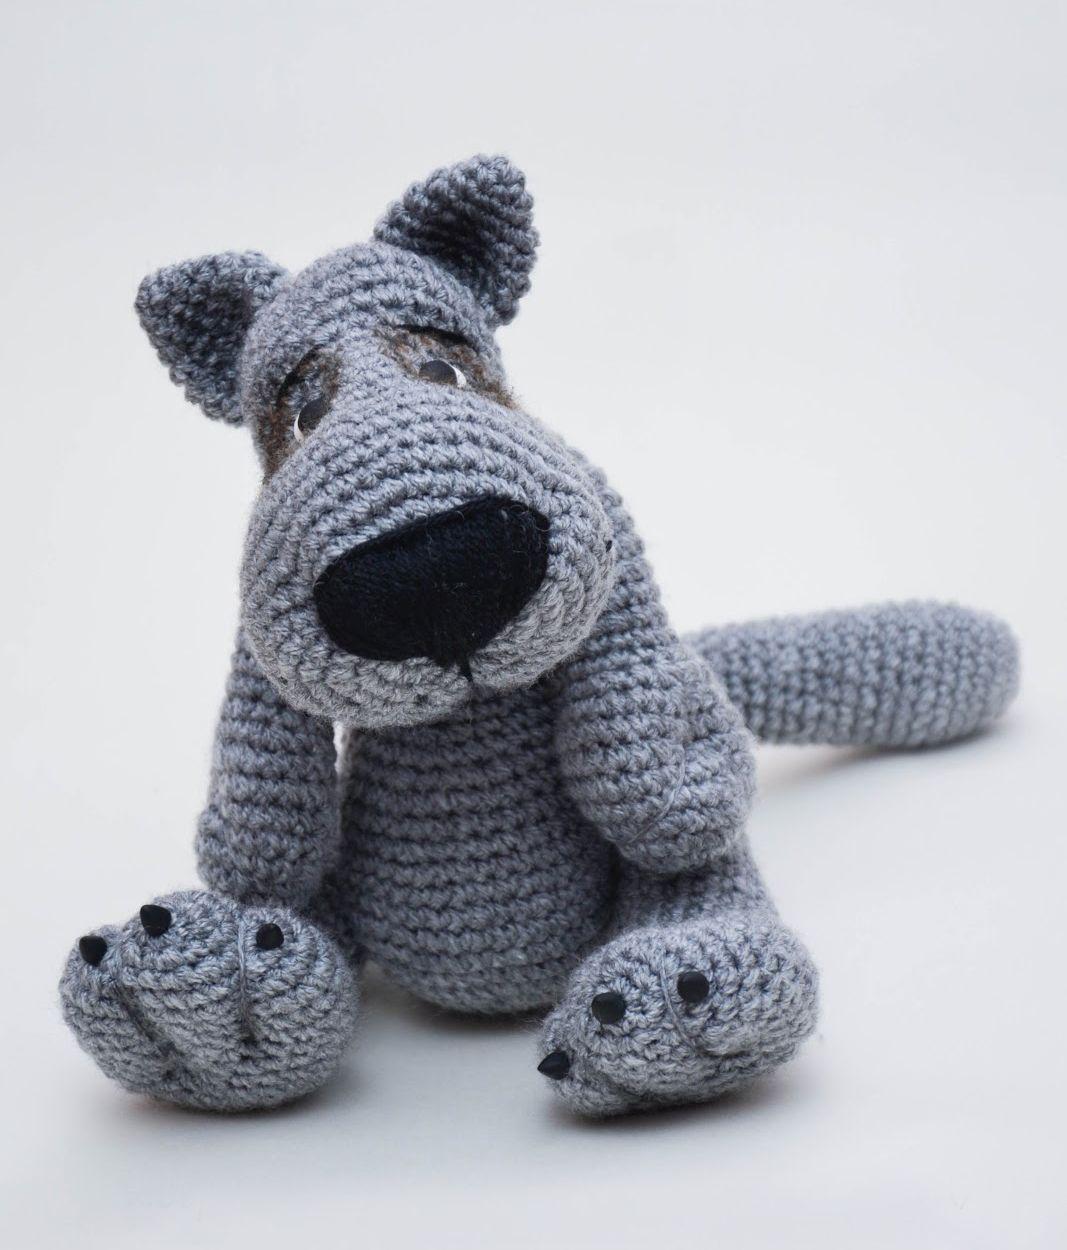 амигуруми серый волк бесплатная схема для вязания игрушки Free